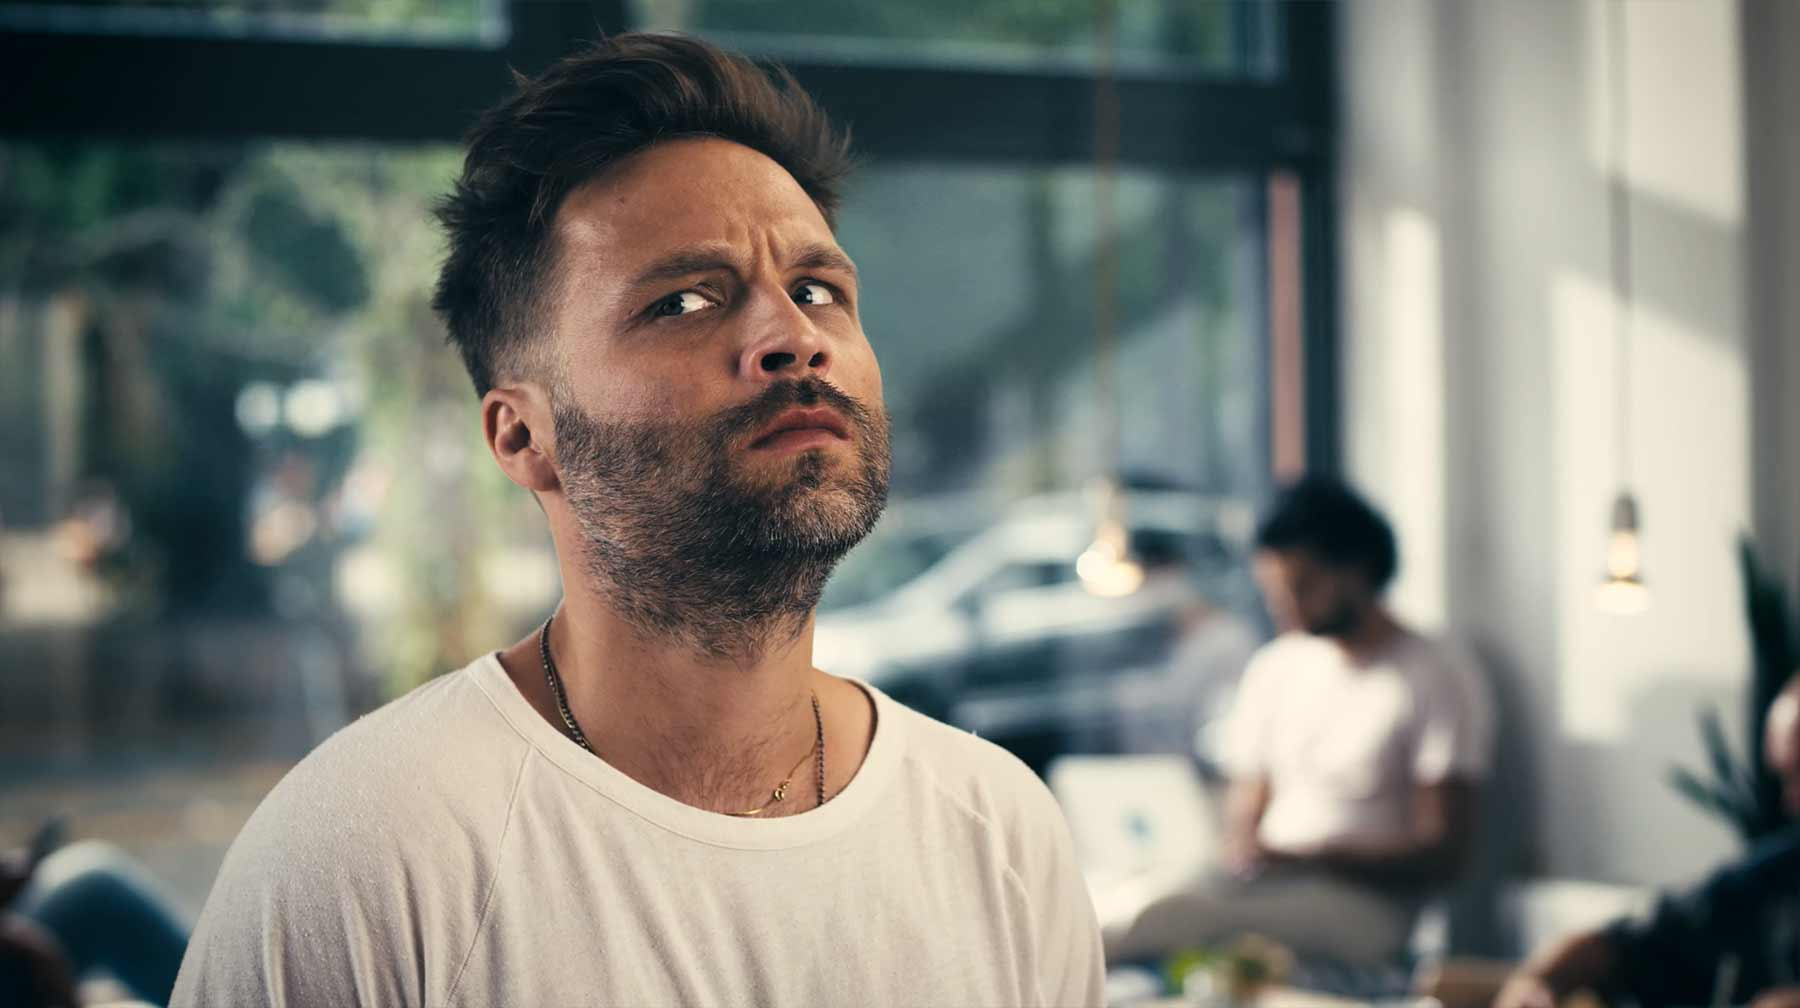 Tim Sander rappt über die nervige Superlativ-Gesellschaft T-der-Baer-Stesteste-musikvideo